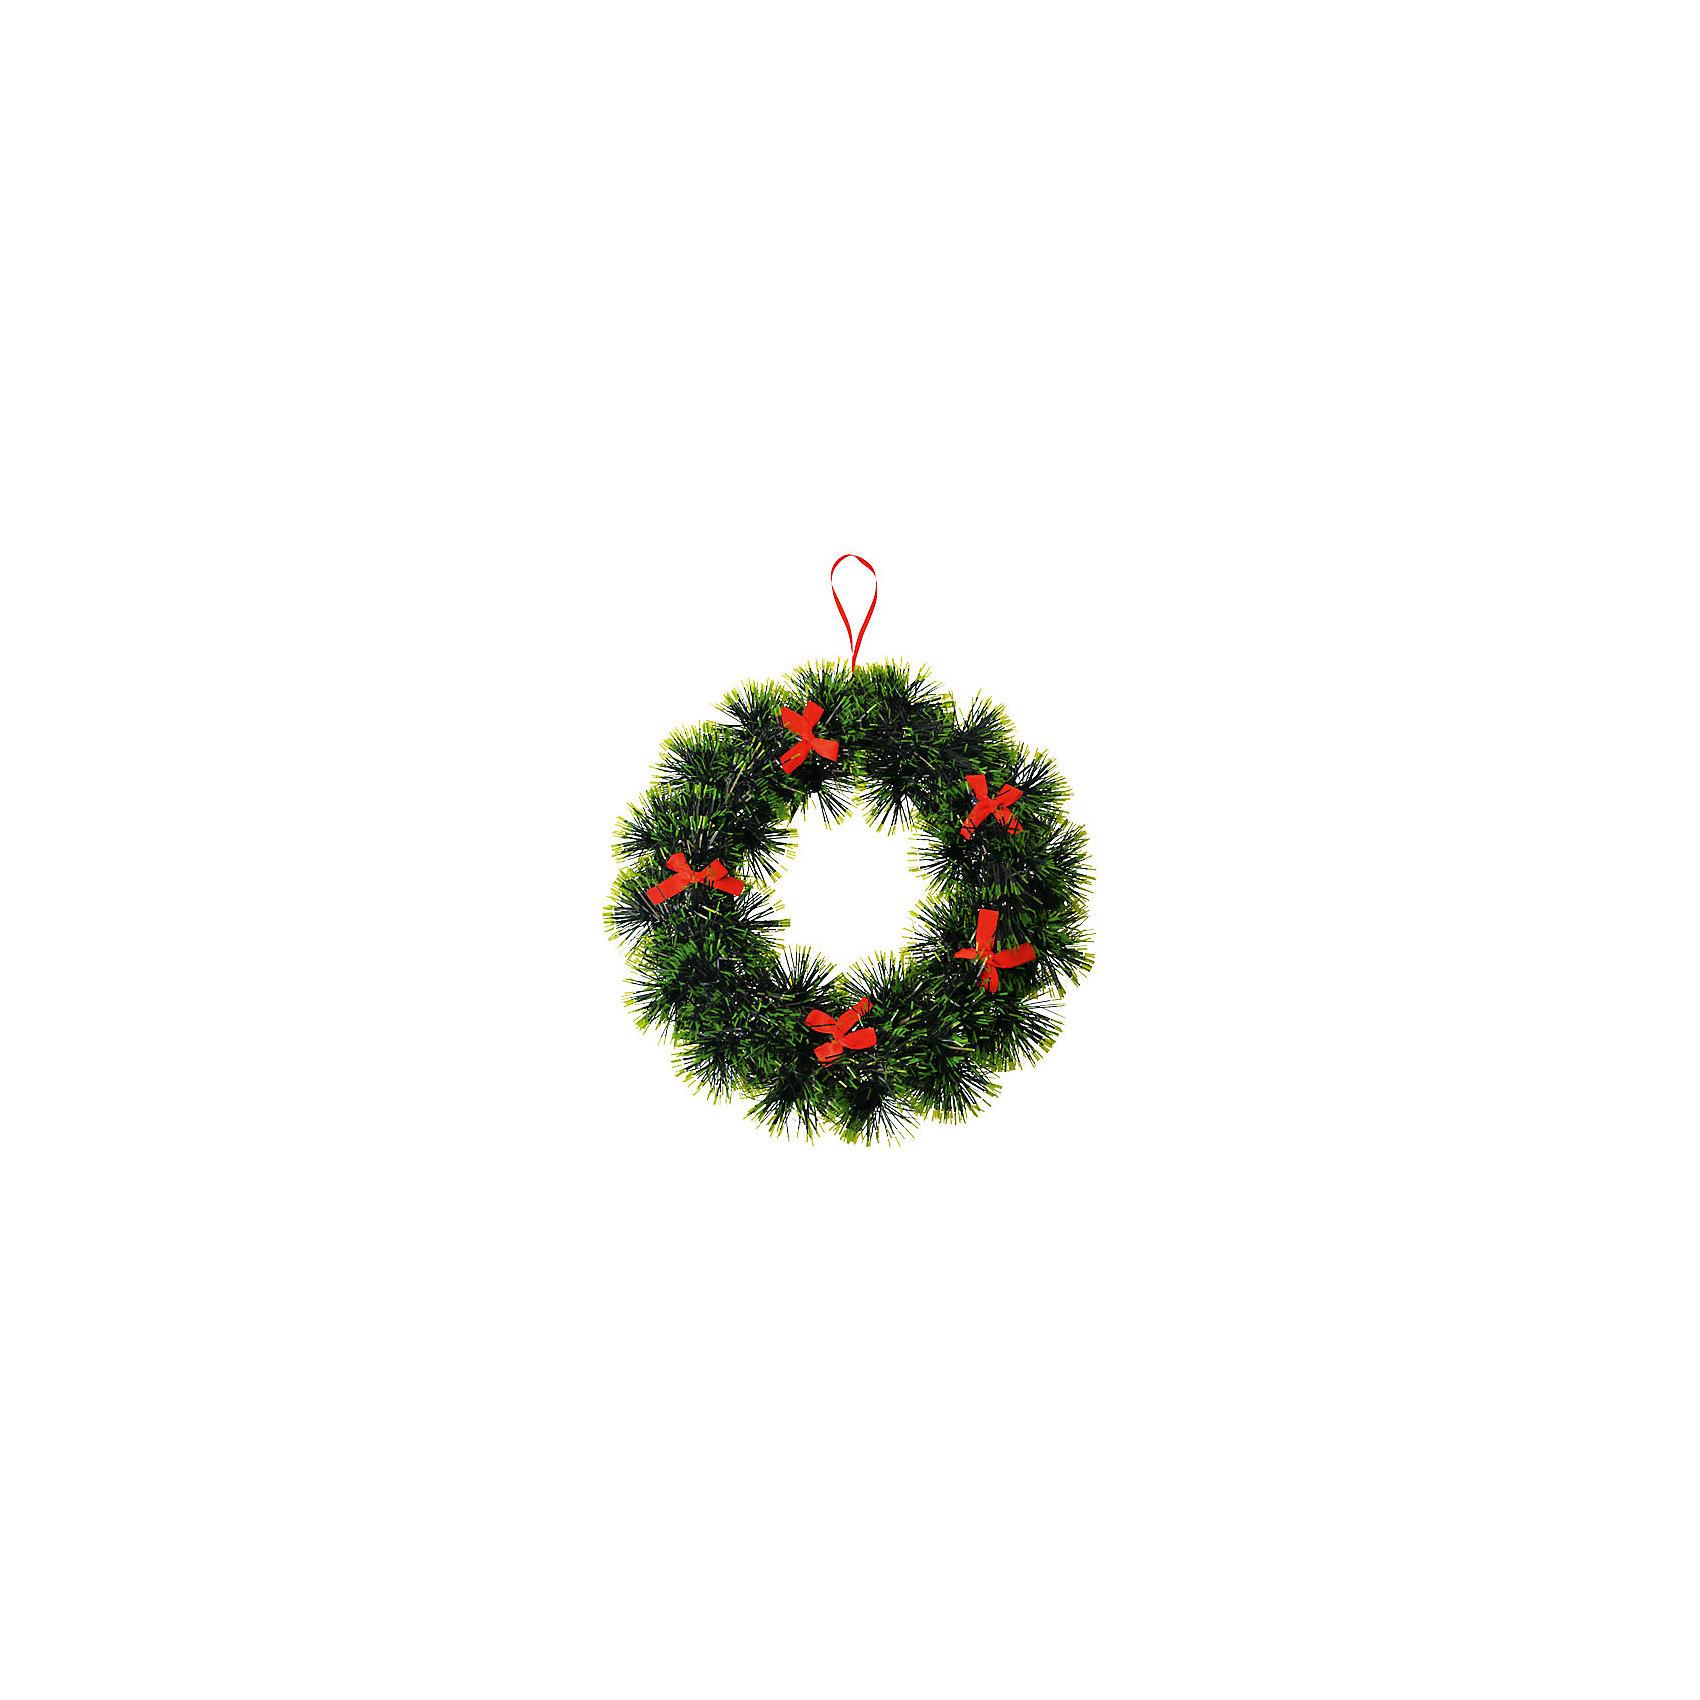 Венок новогодний, 23,5 см.Венок новогодний, 23,5 см. - этот новогодний аксессуар создаст праздничное настроение.<br>Венок новогодний станет замечательным украшением интерьера и поможет создать волшебную атмосферу праздника. Нарядный венок в виде сосновых веток украшен красными бантиками. Венок можно повесить на двери или стены комнаты, он будет прекрасно смотреться, и радовать детей и взрослых.<br><br>Дополнительная информация:<br><br>- Диаметр: 23,5 см.<br>- Вес: 153 гр.<br><br>Венок новогодний, 23,5 см можно купить в нашем интернет-магазине.<br><br>Ширина мм: 30<br>Глубина мм: 235<br>Высота мм: 235<br>Вес г: 153<br>Возраст от месяцев: 36<br>Возраст до месяцев: 1188<br>Пол: Унисекс<br>Возраст: Детский<br>SKU: 4262252